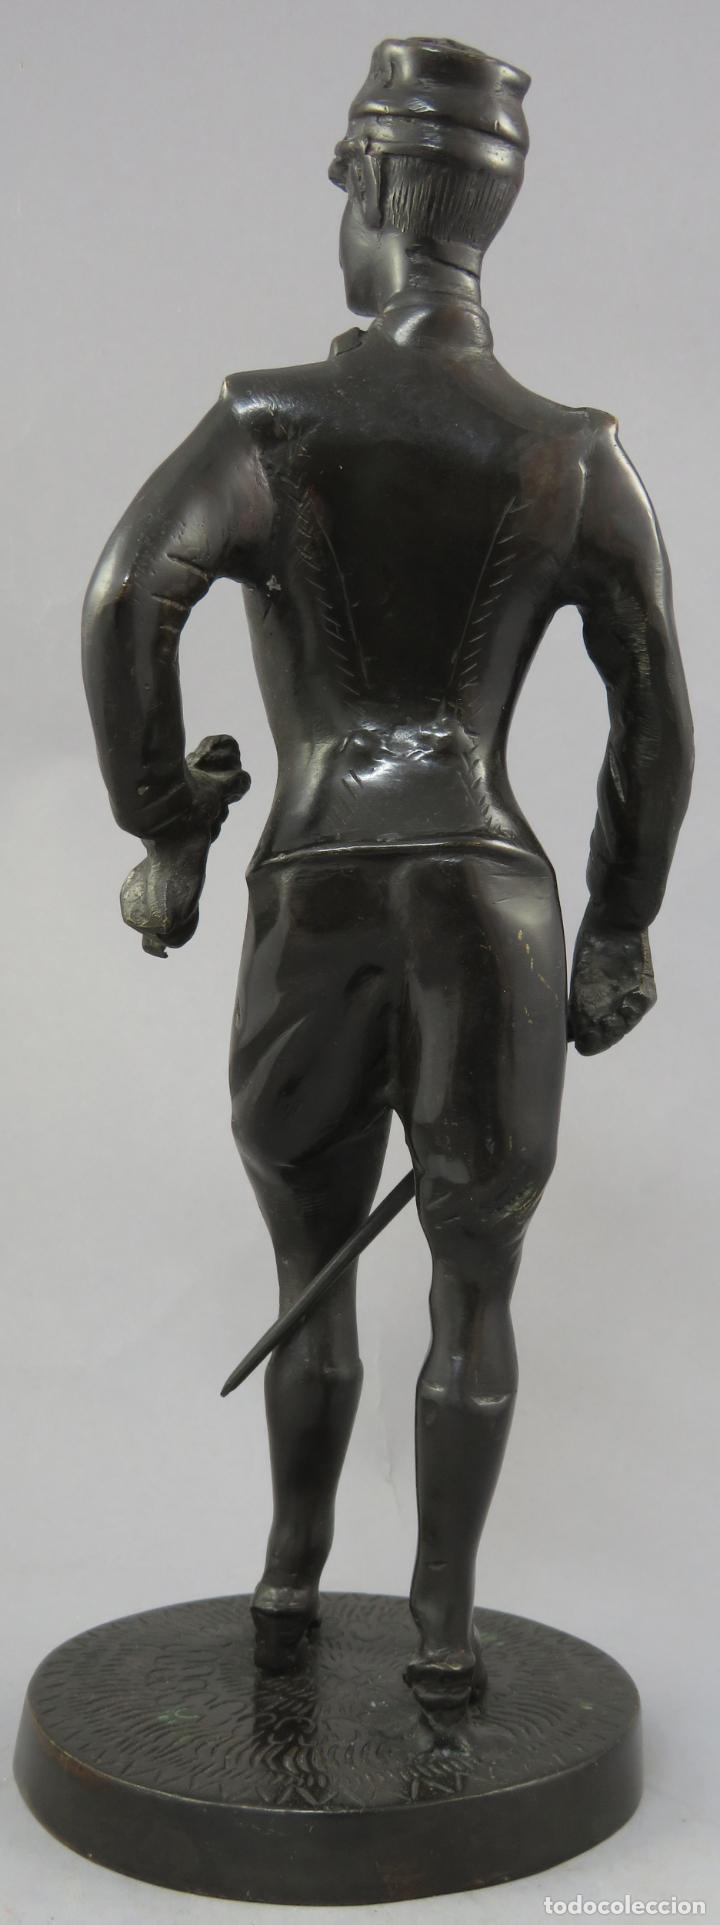 Arte: Escultura soldado húsar de la Princesa en bronce pulido siglo XX - Foto 9 - 230361210